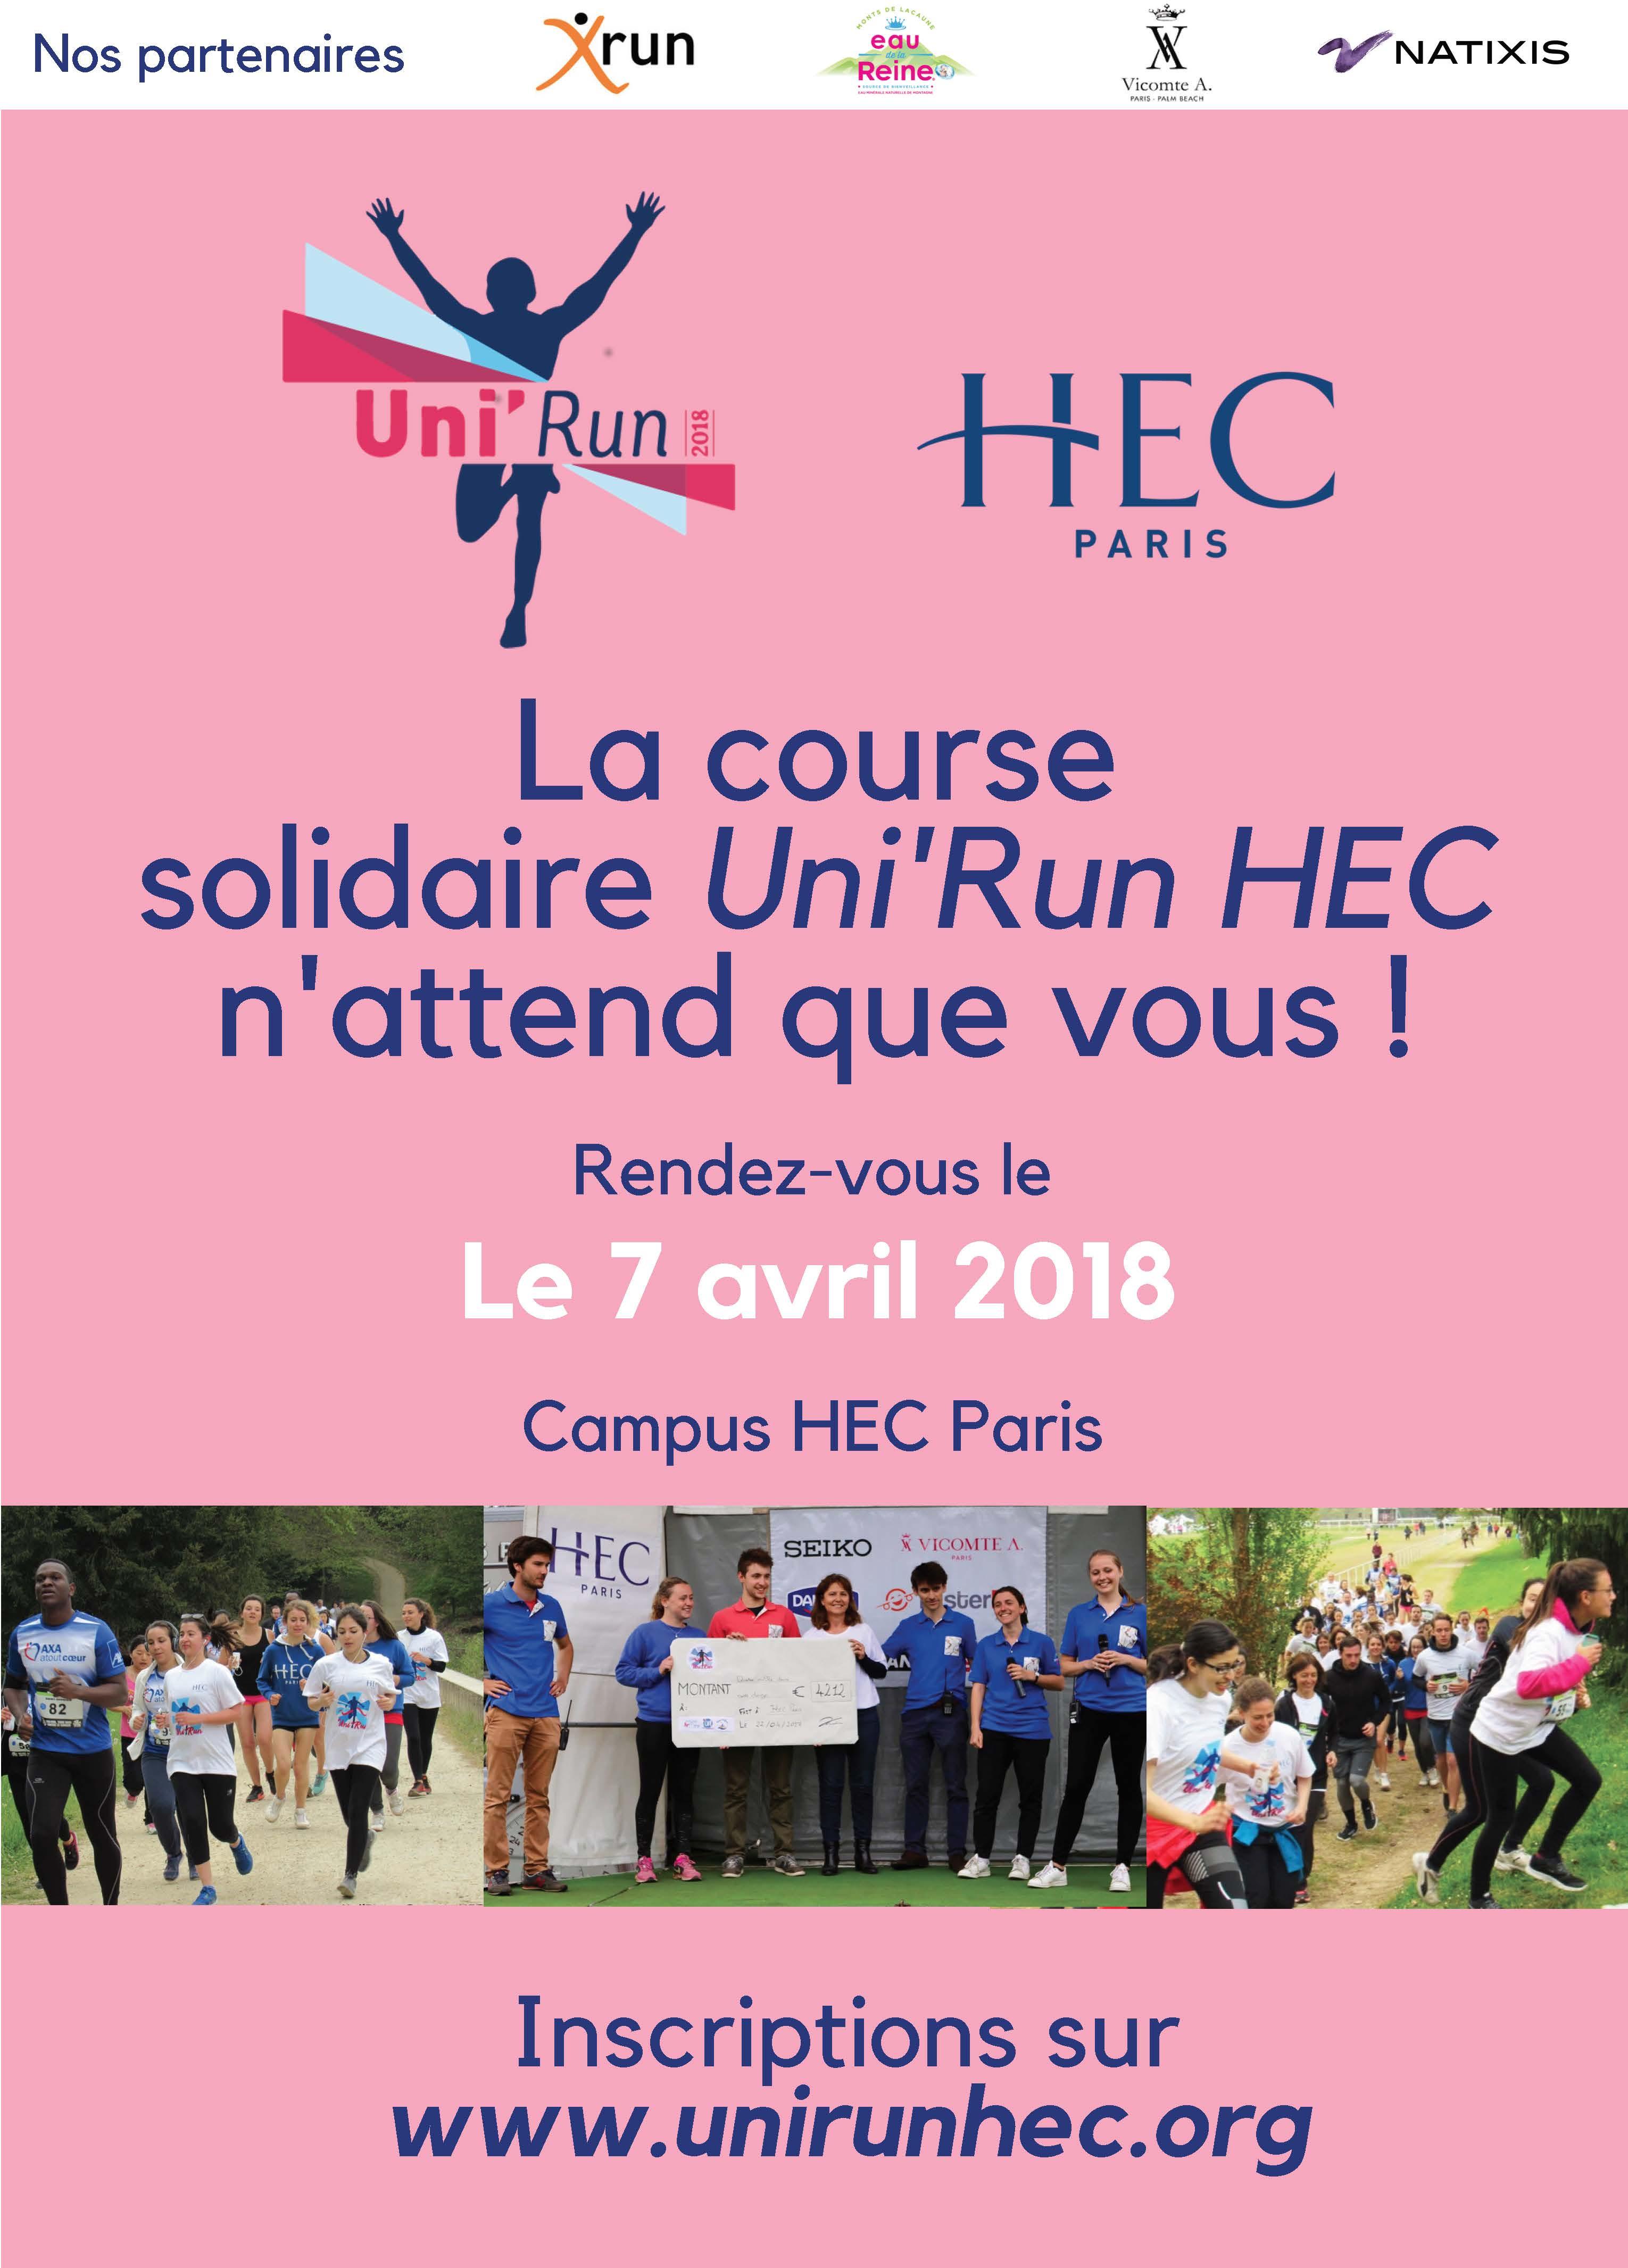 course Unirun HEC